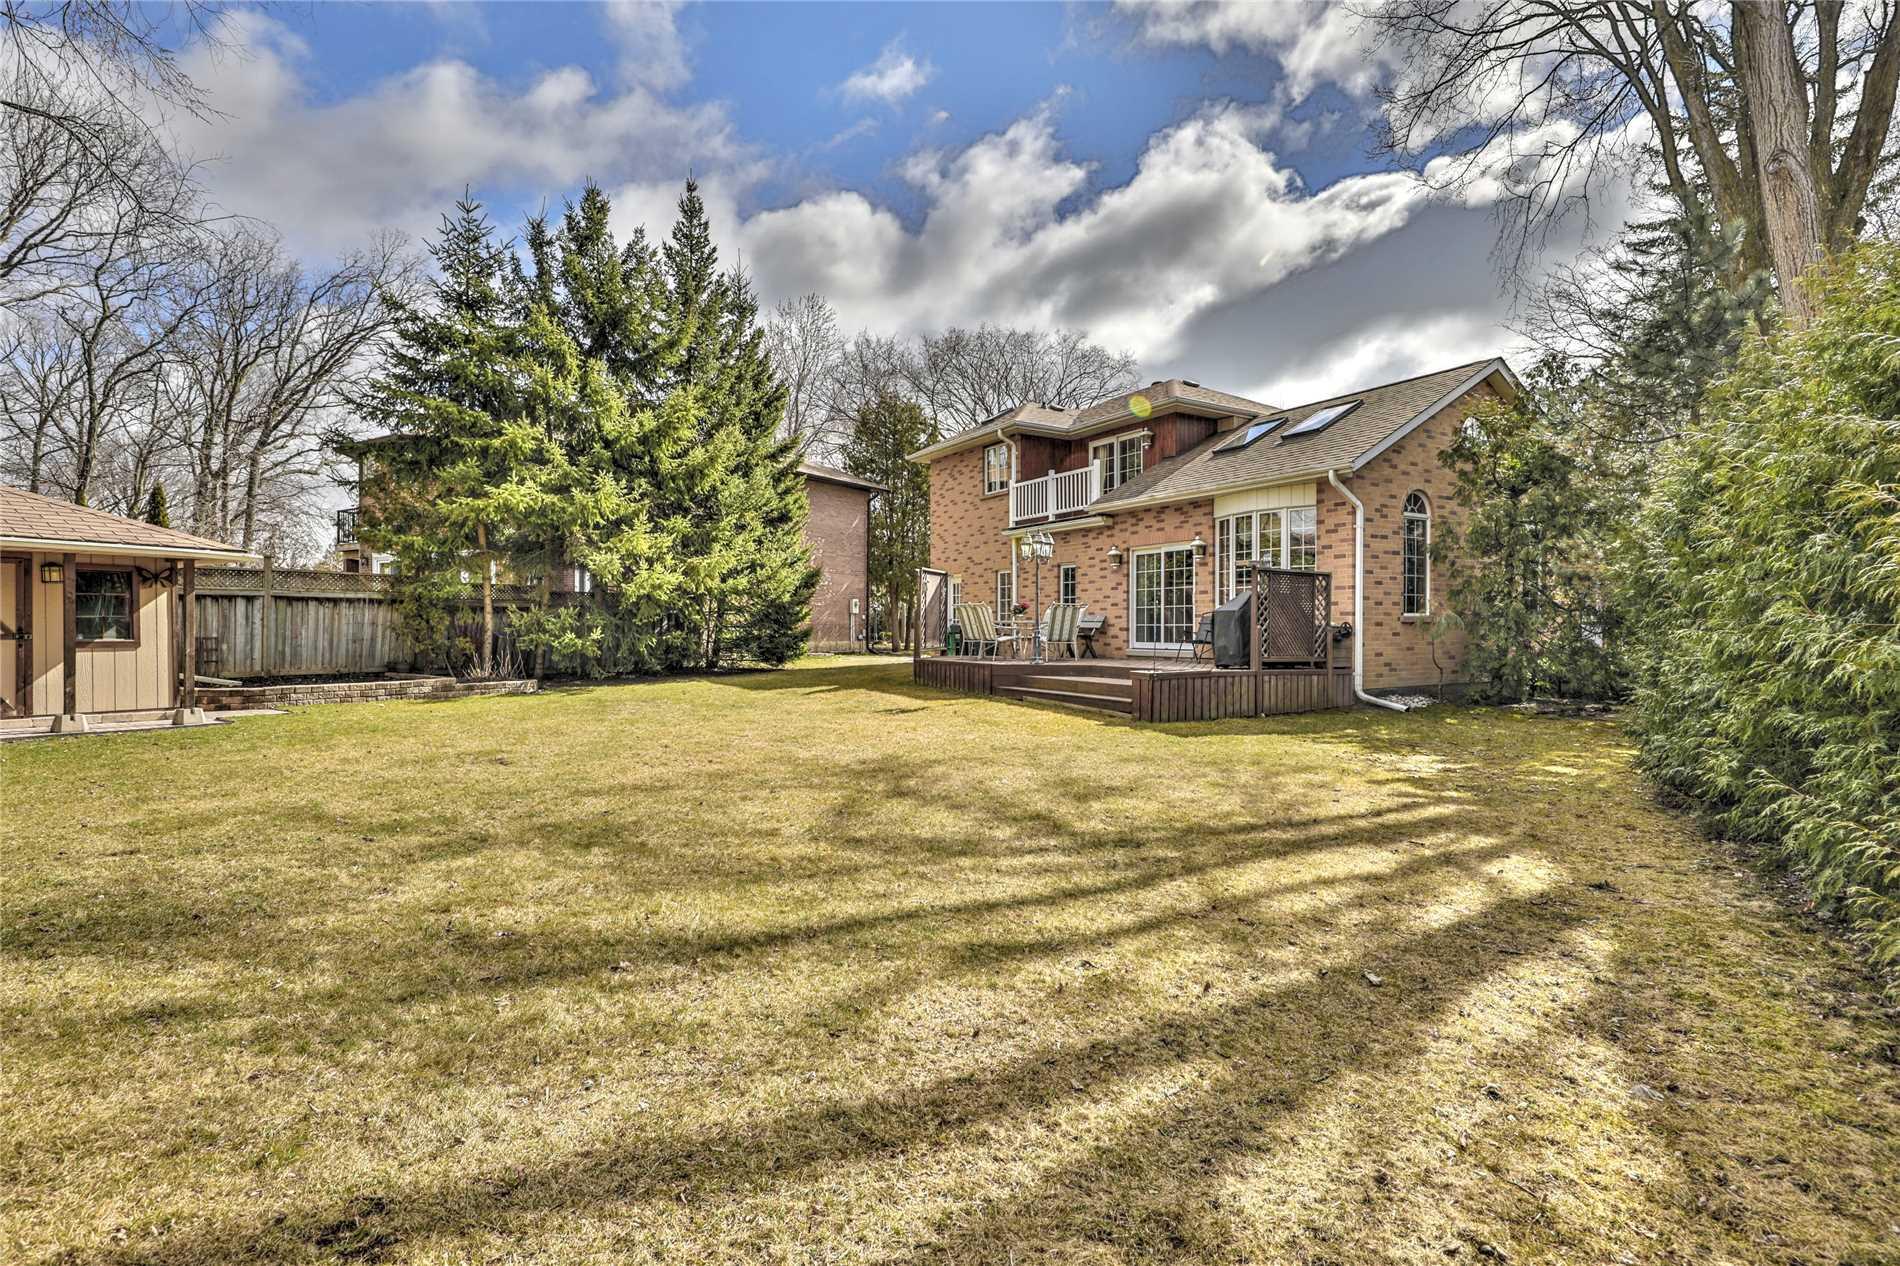 1225 Crestdale Rd, Mississauga W4528831